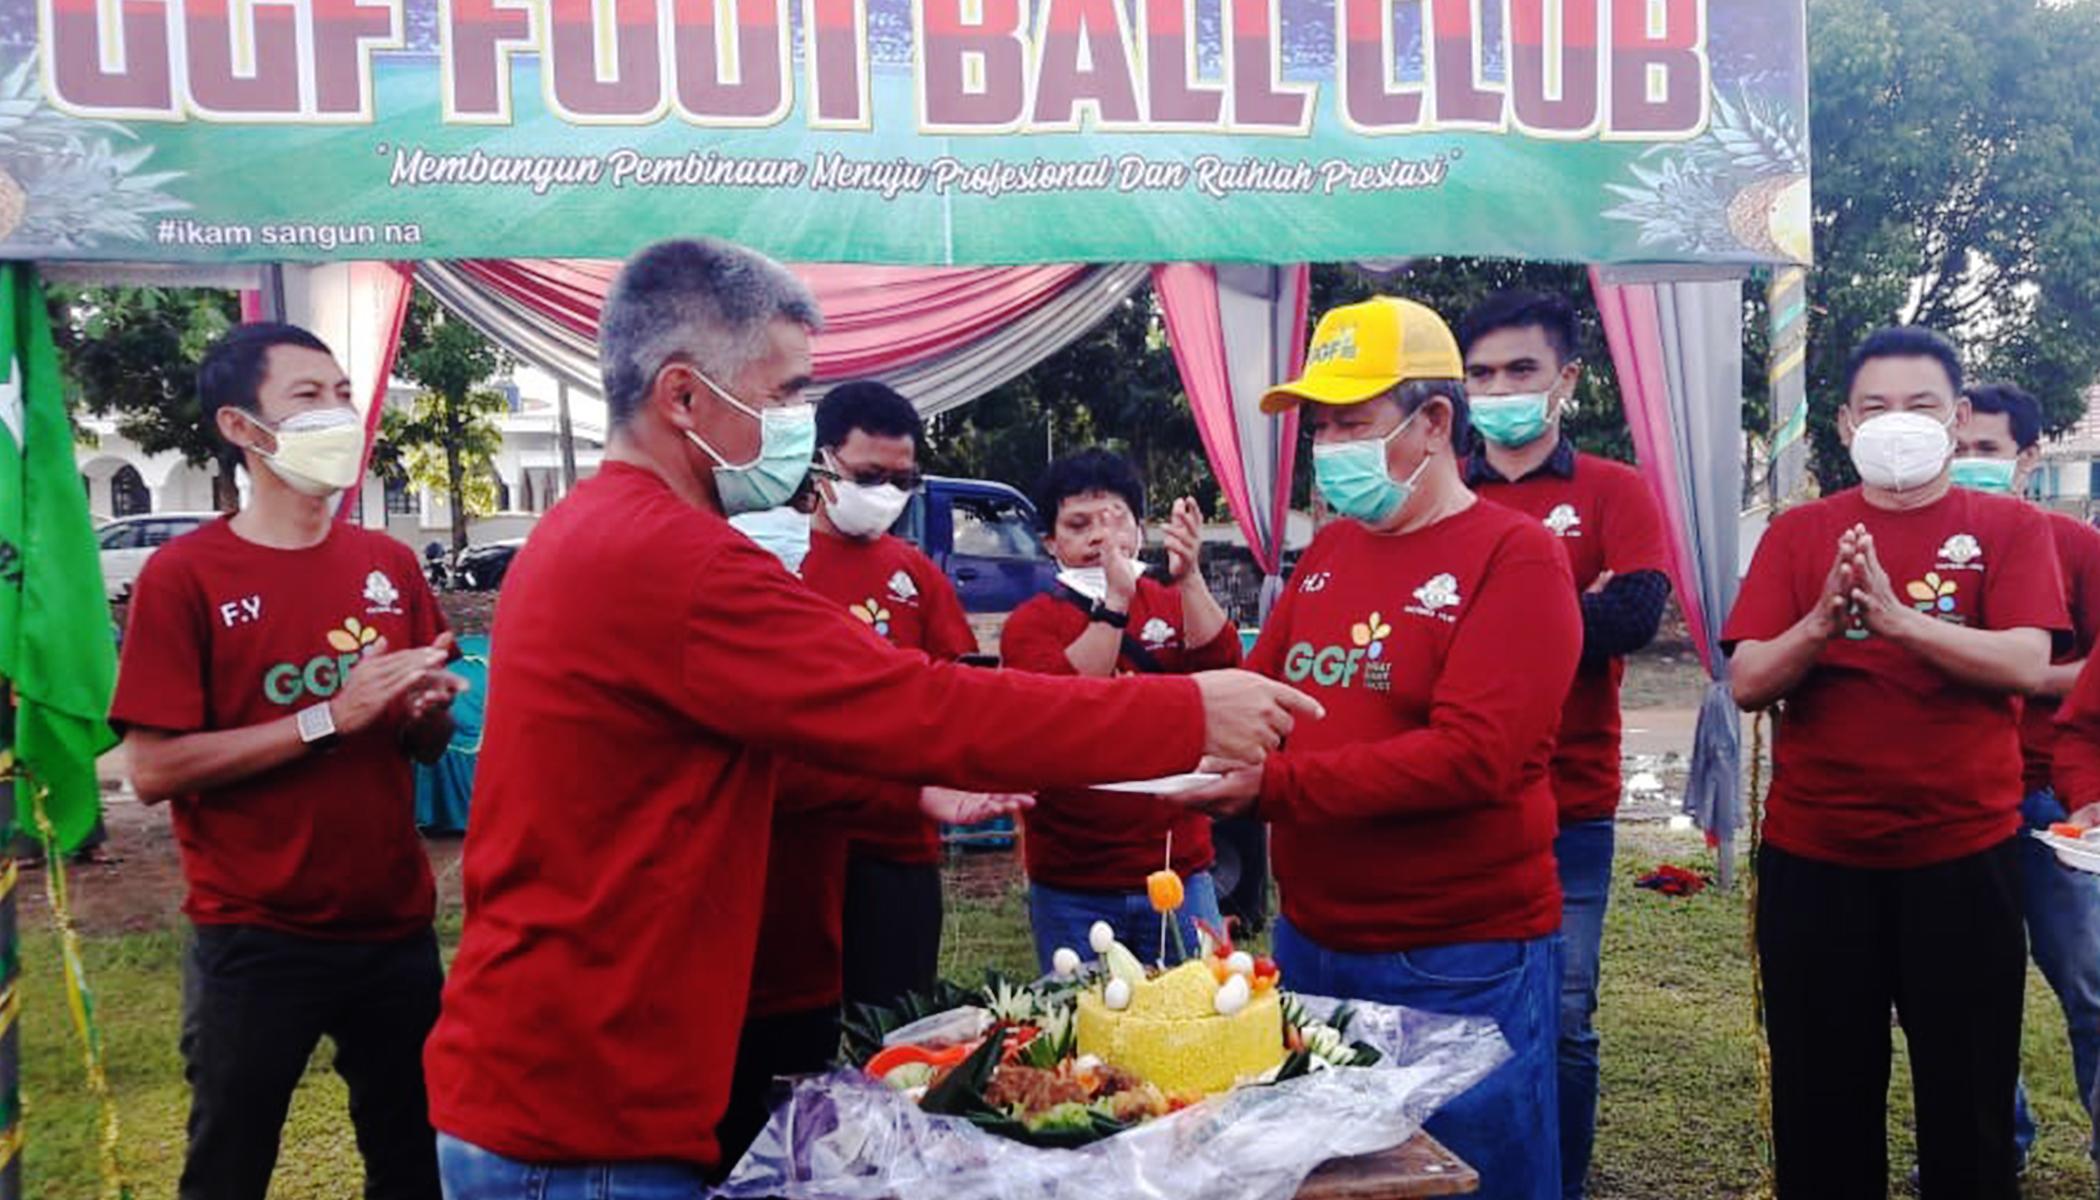 Peresmian GGF Football Club : Menuju Profesional dan Meraih Prestasi